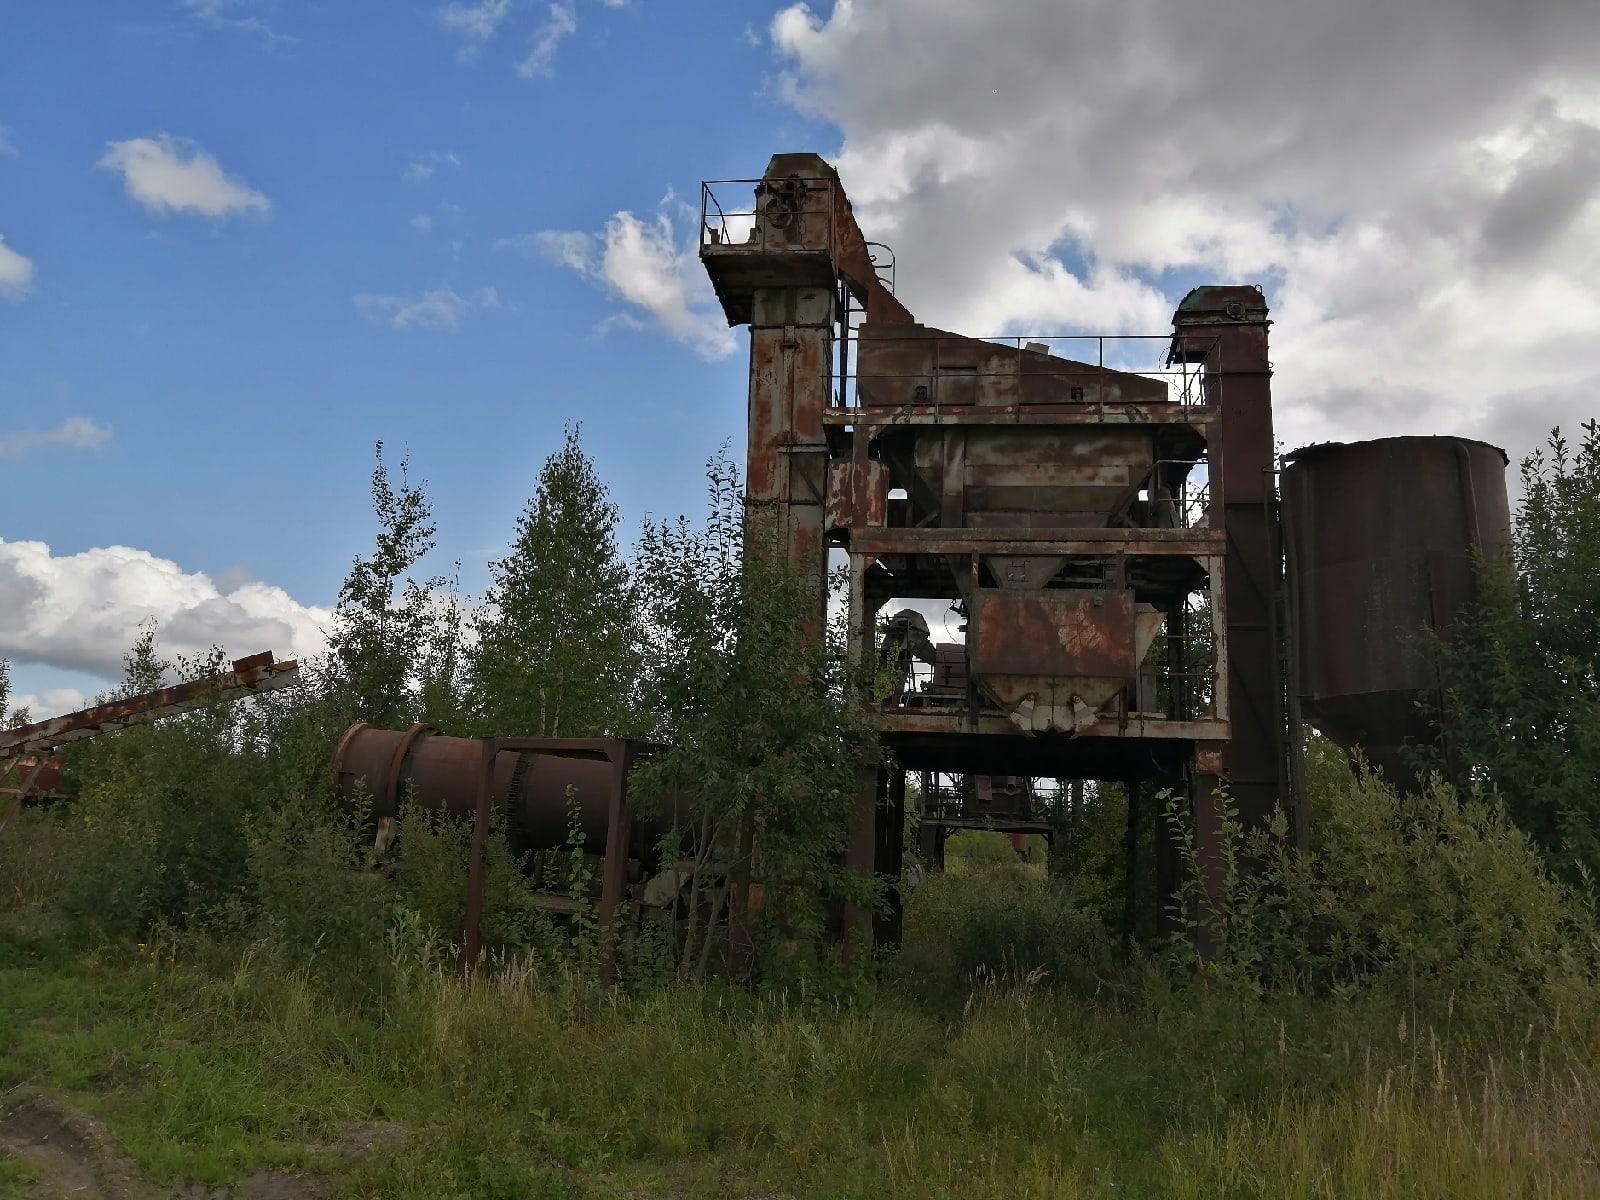 Останки комплексной зерносушилки, Смоленская область - Фото